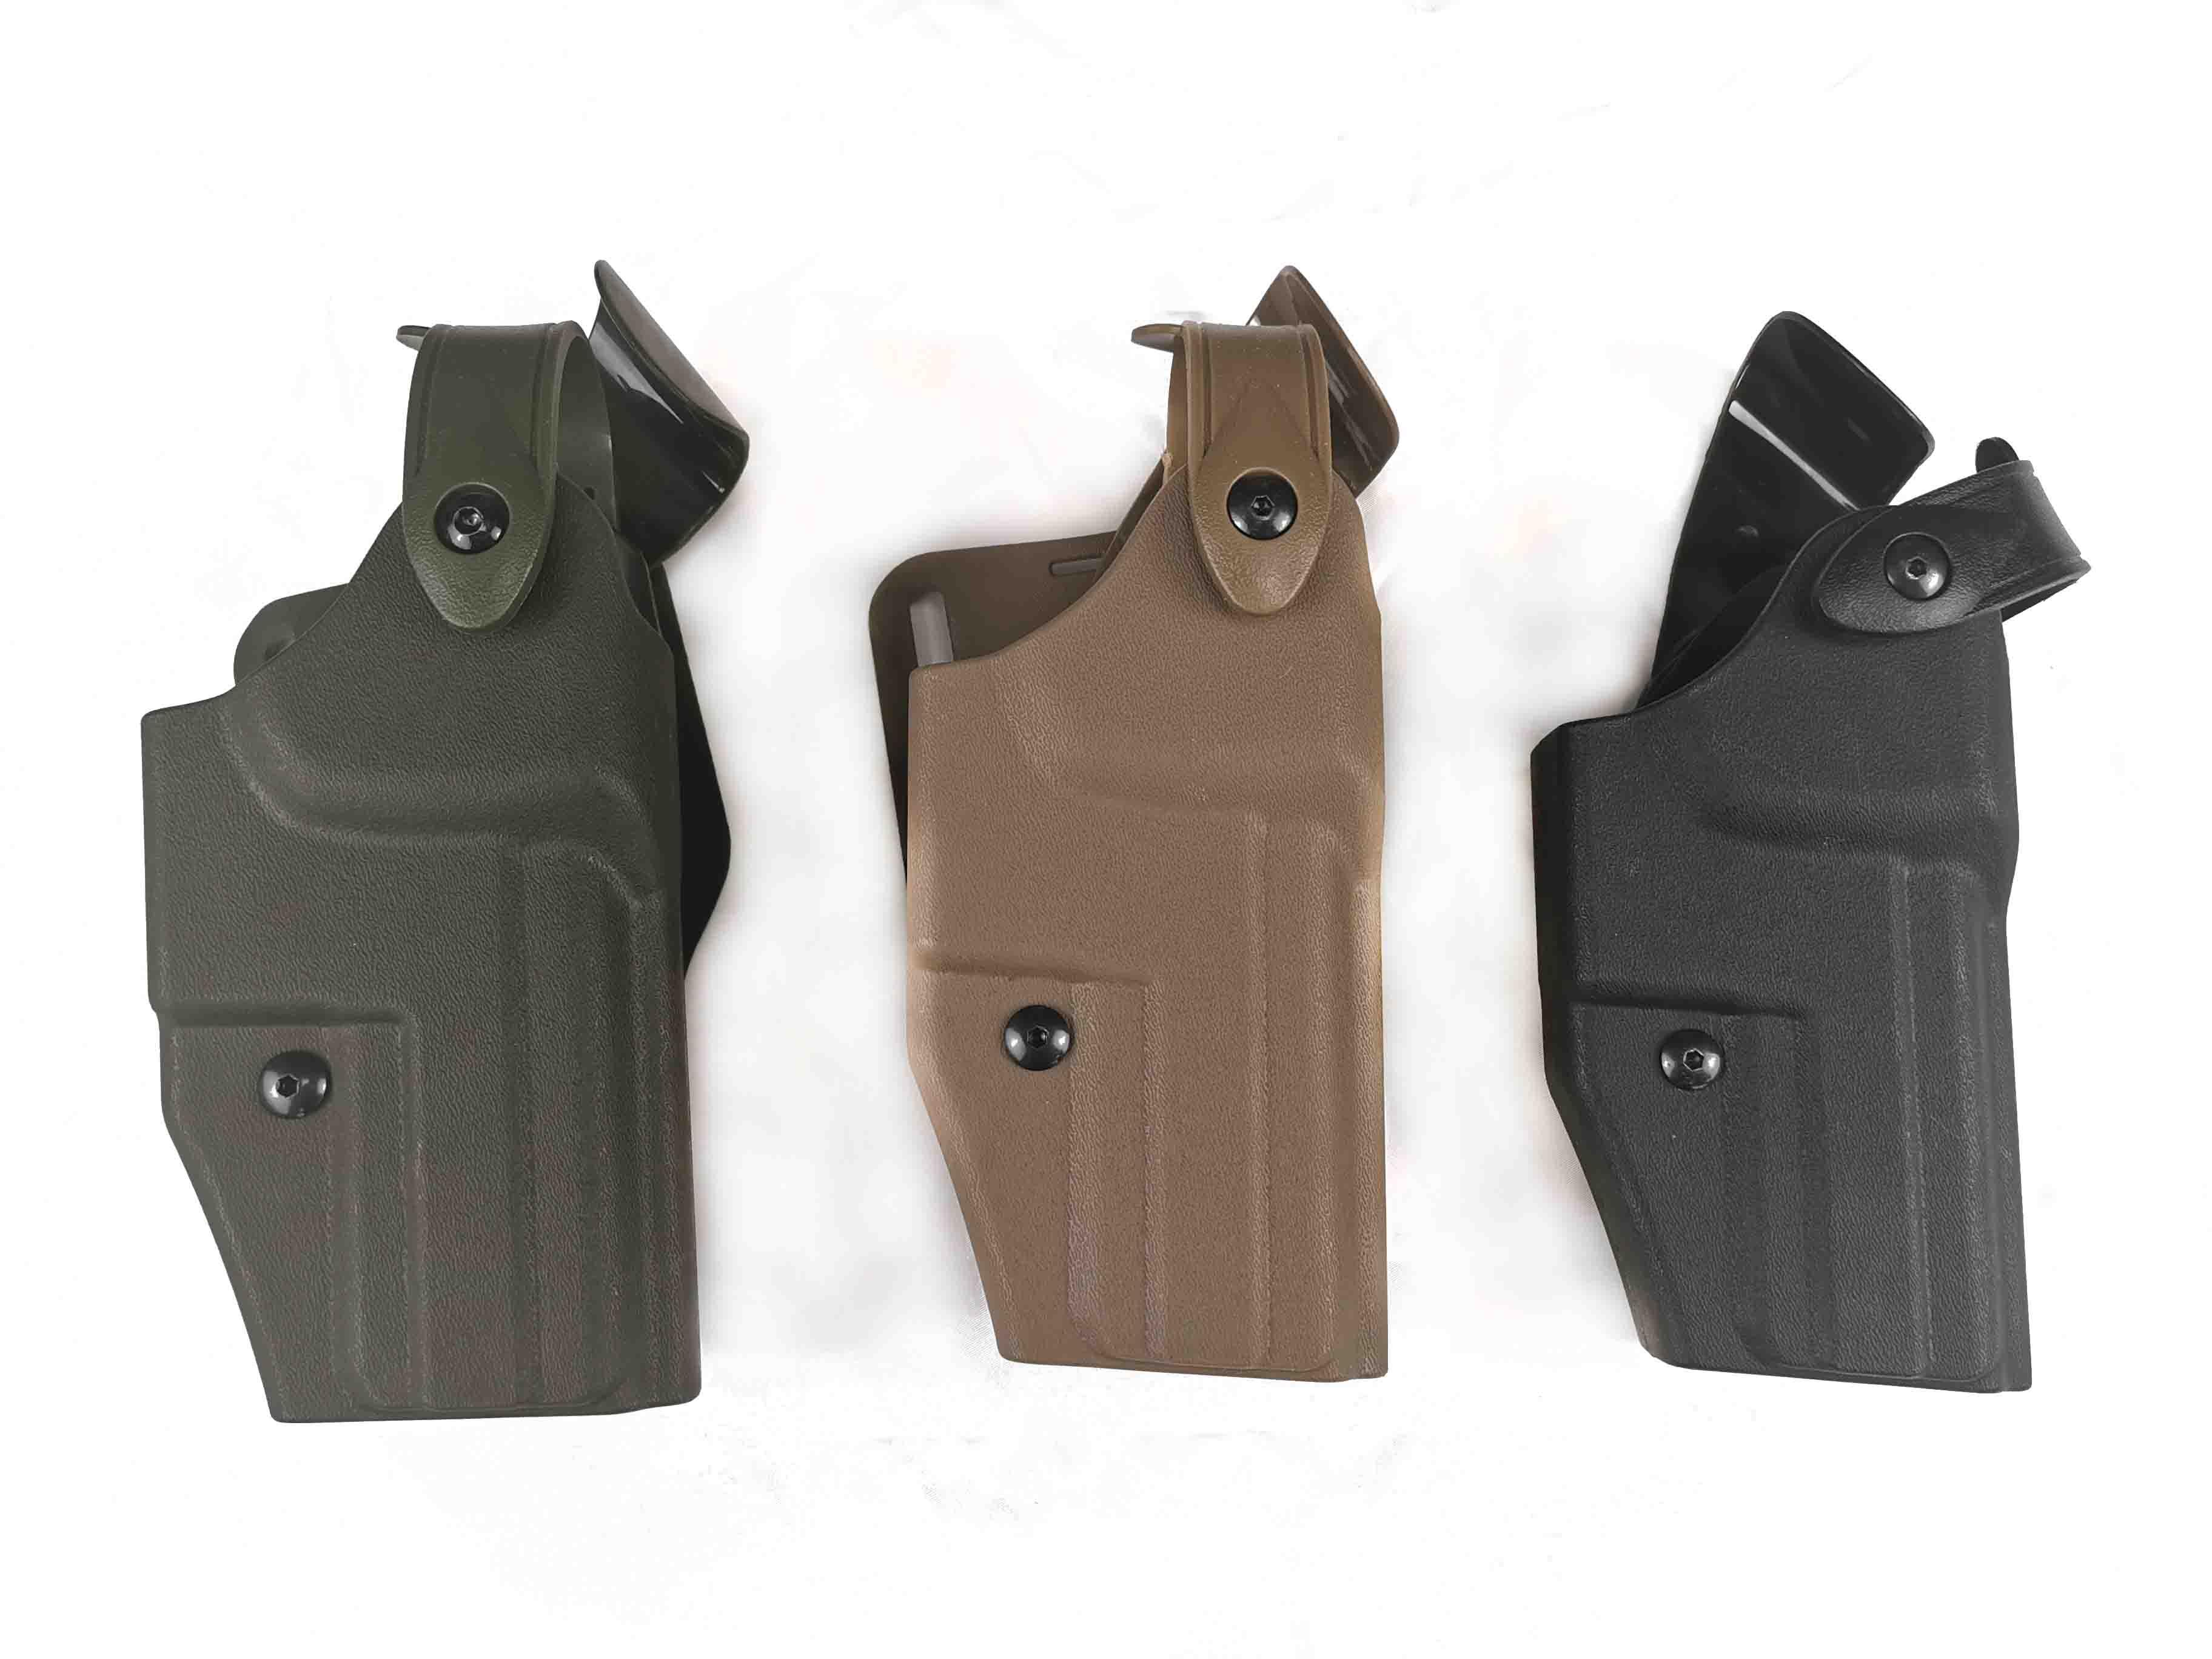 Táctico Safariland 6320 pistolera cinturón cintura para el ejército caza USP pistola militar arma de engranaje funda negra/marrón